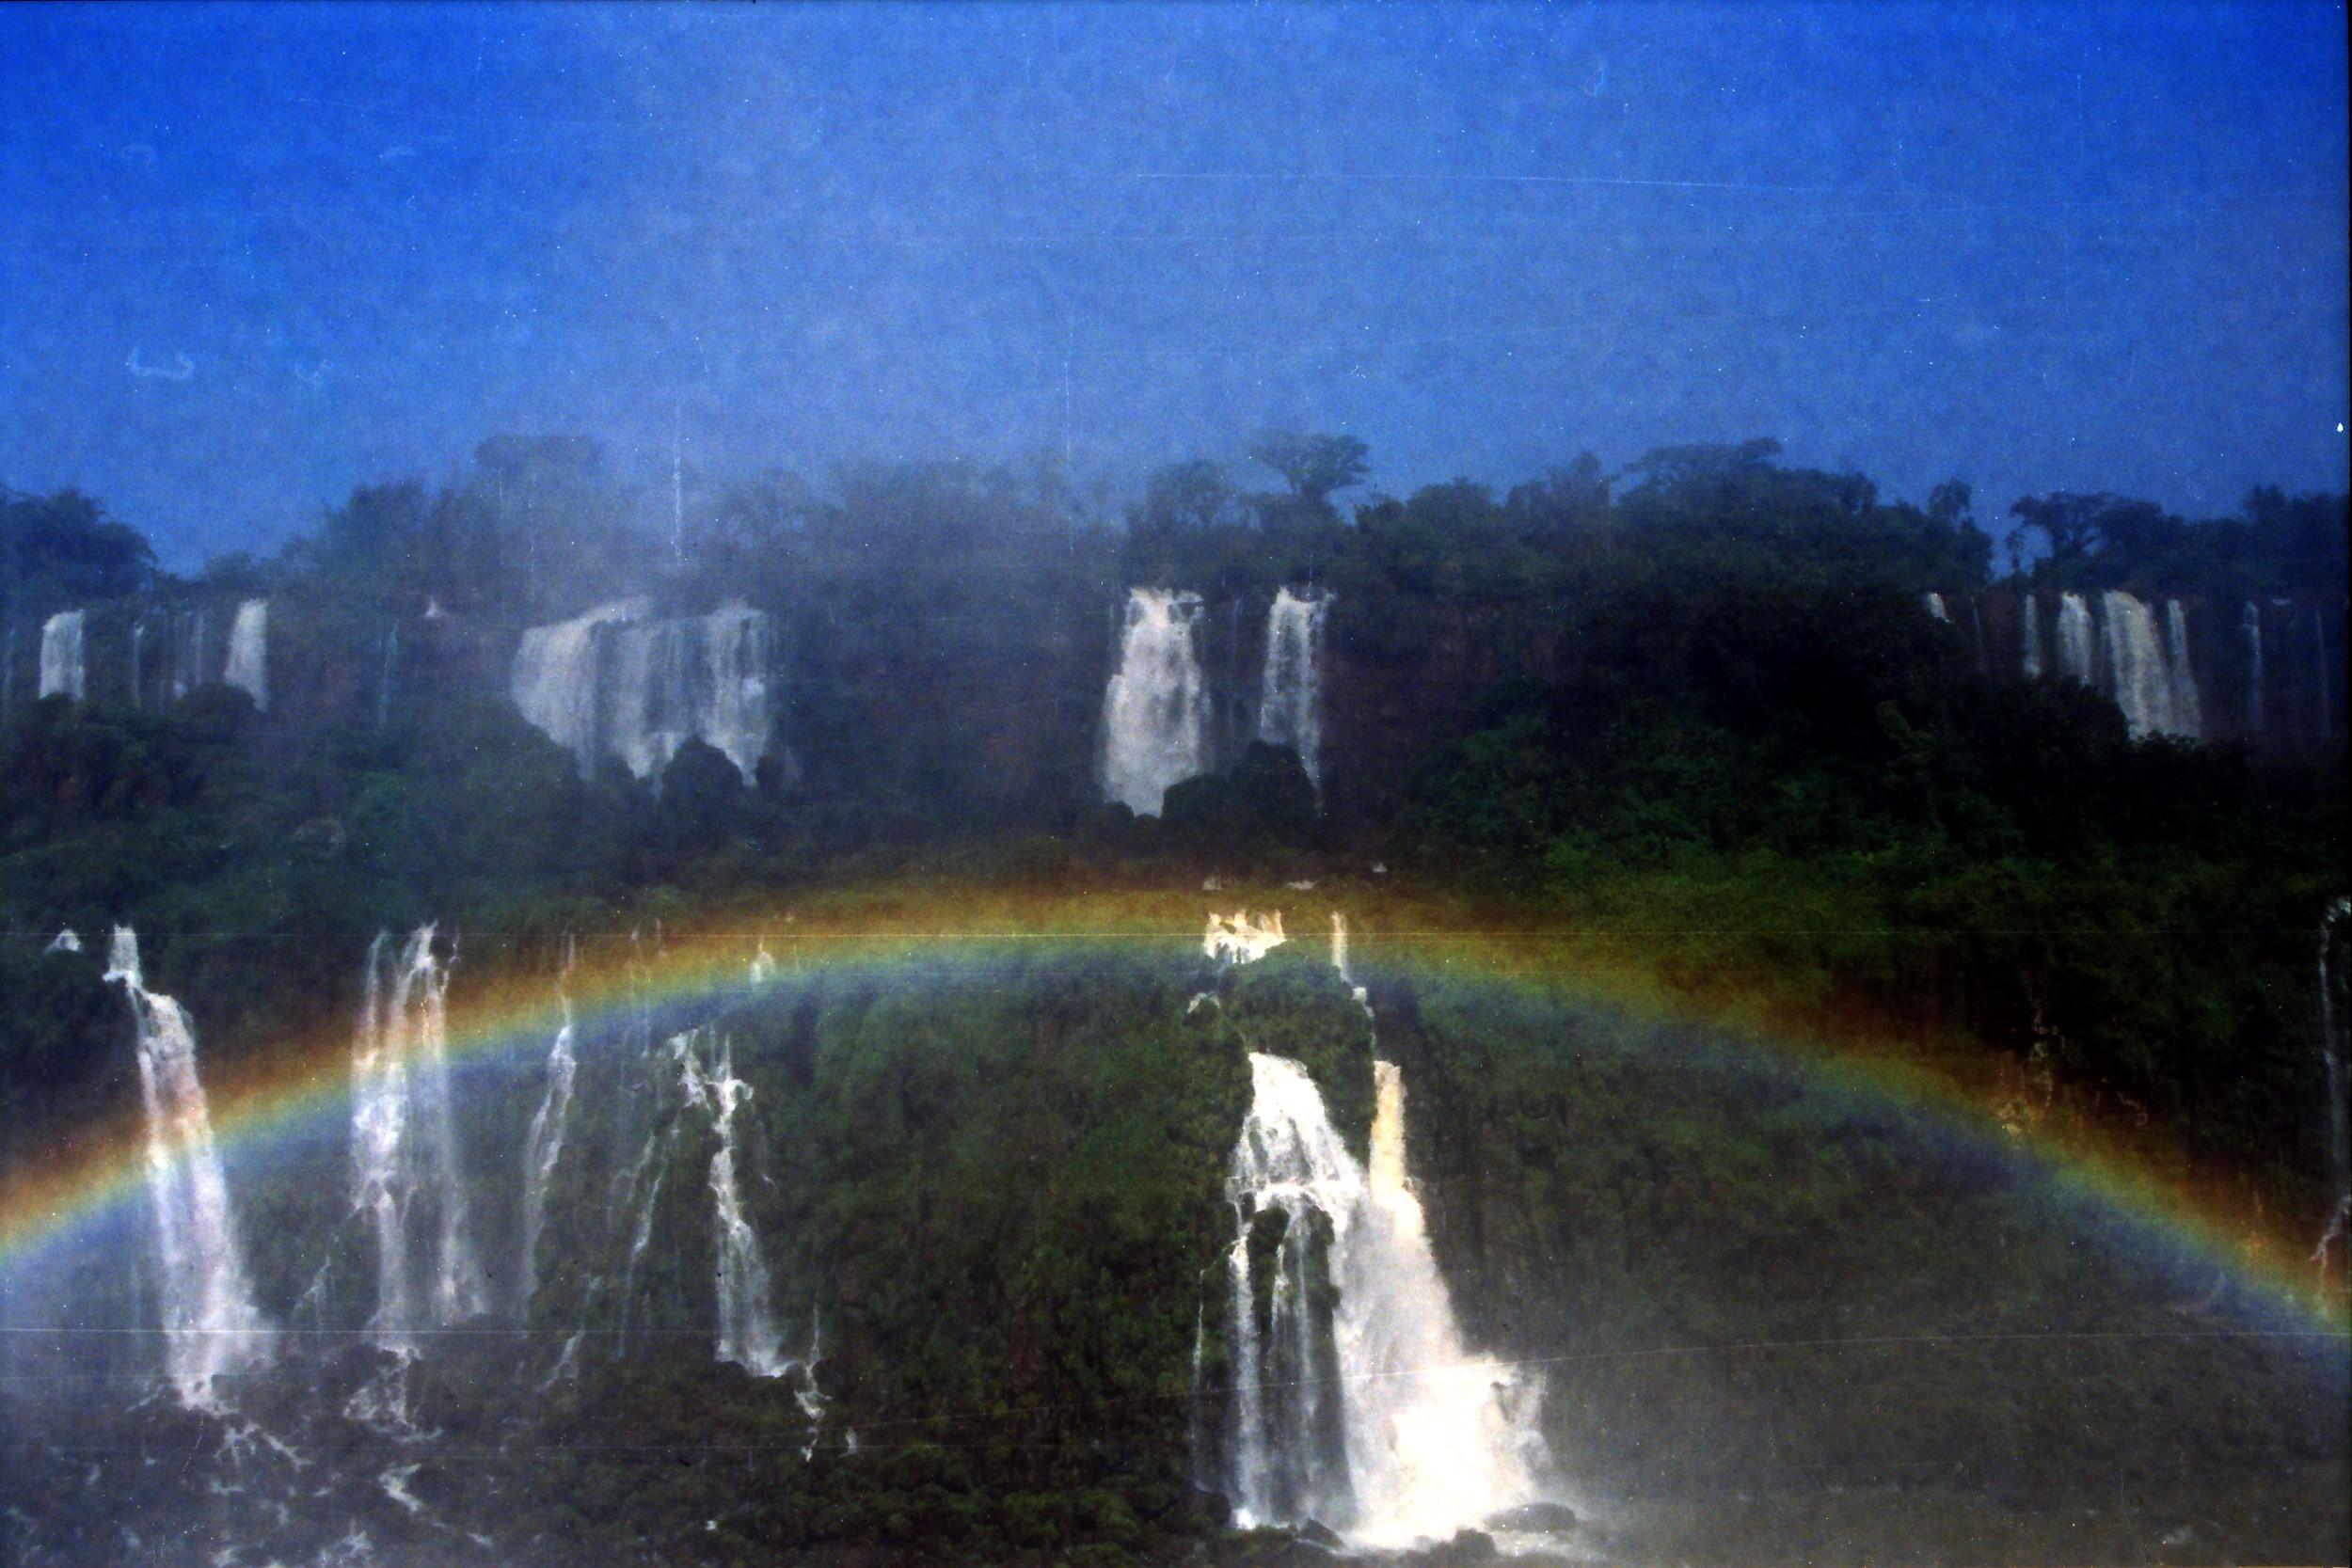 BrazilJpg_0106b.jpg